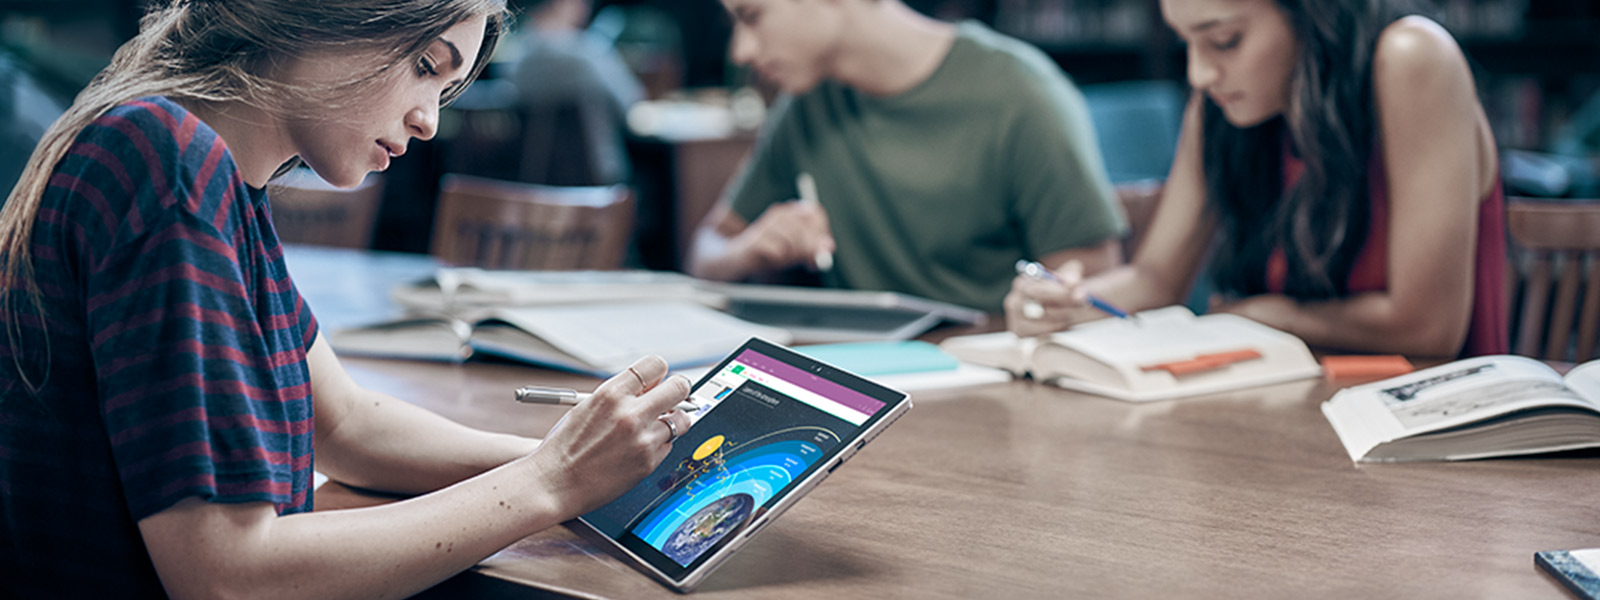 طالب يعمل على جهاز Surface Pro 4 في مكتبة.